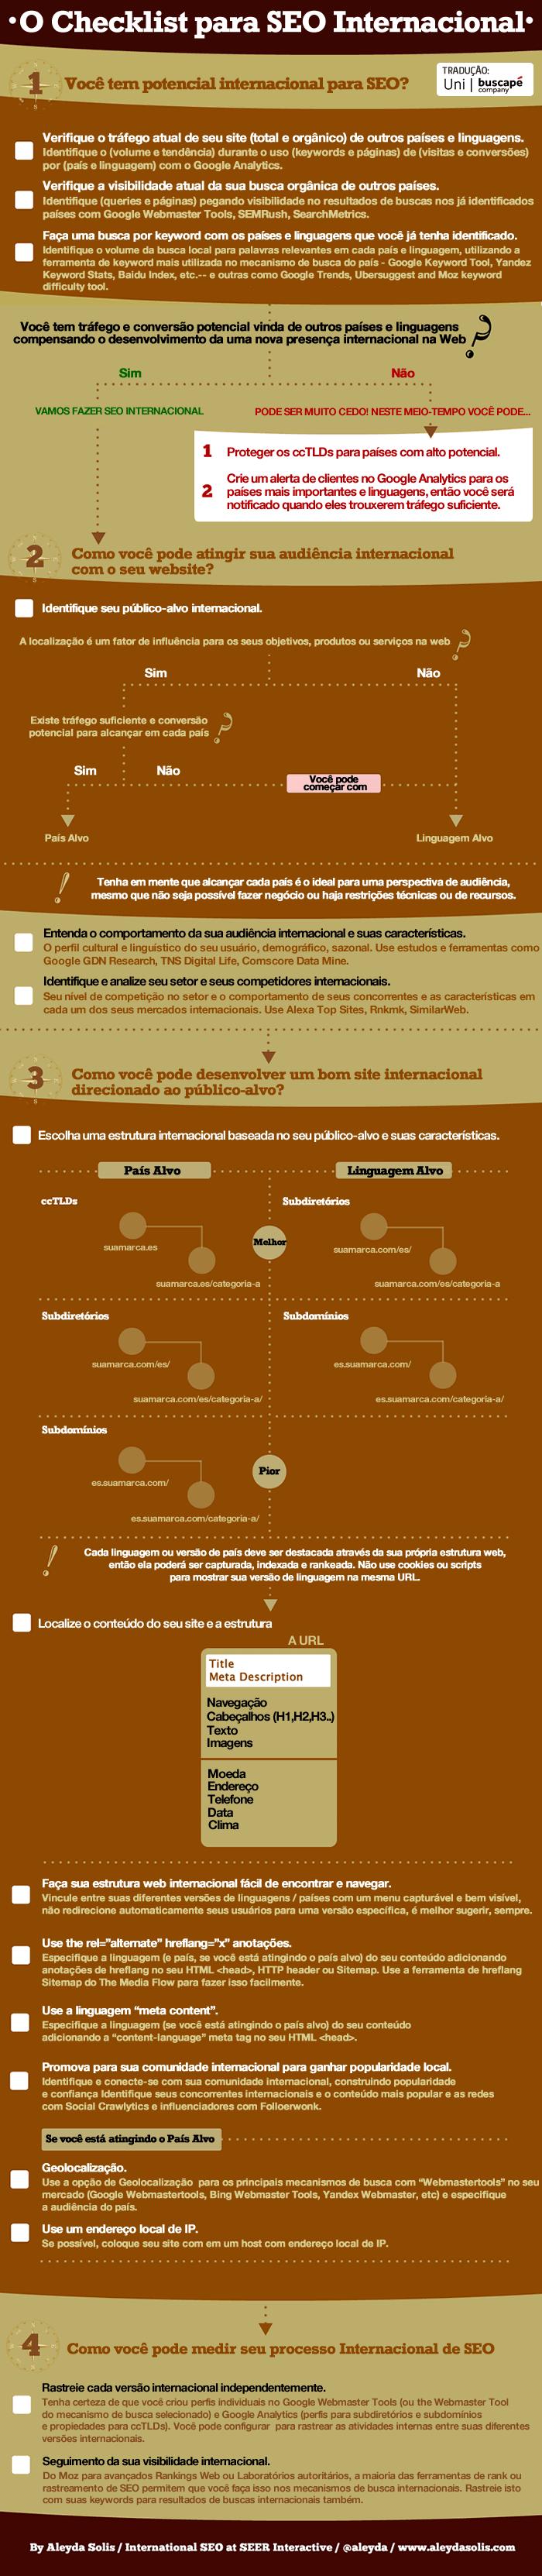 22 ferramentas e um infográfico que podem ajudar você a melhorar sua estratégia de SEO Internacional